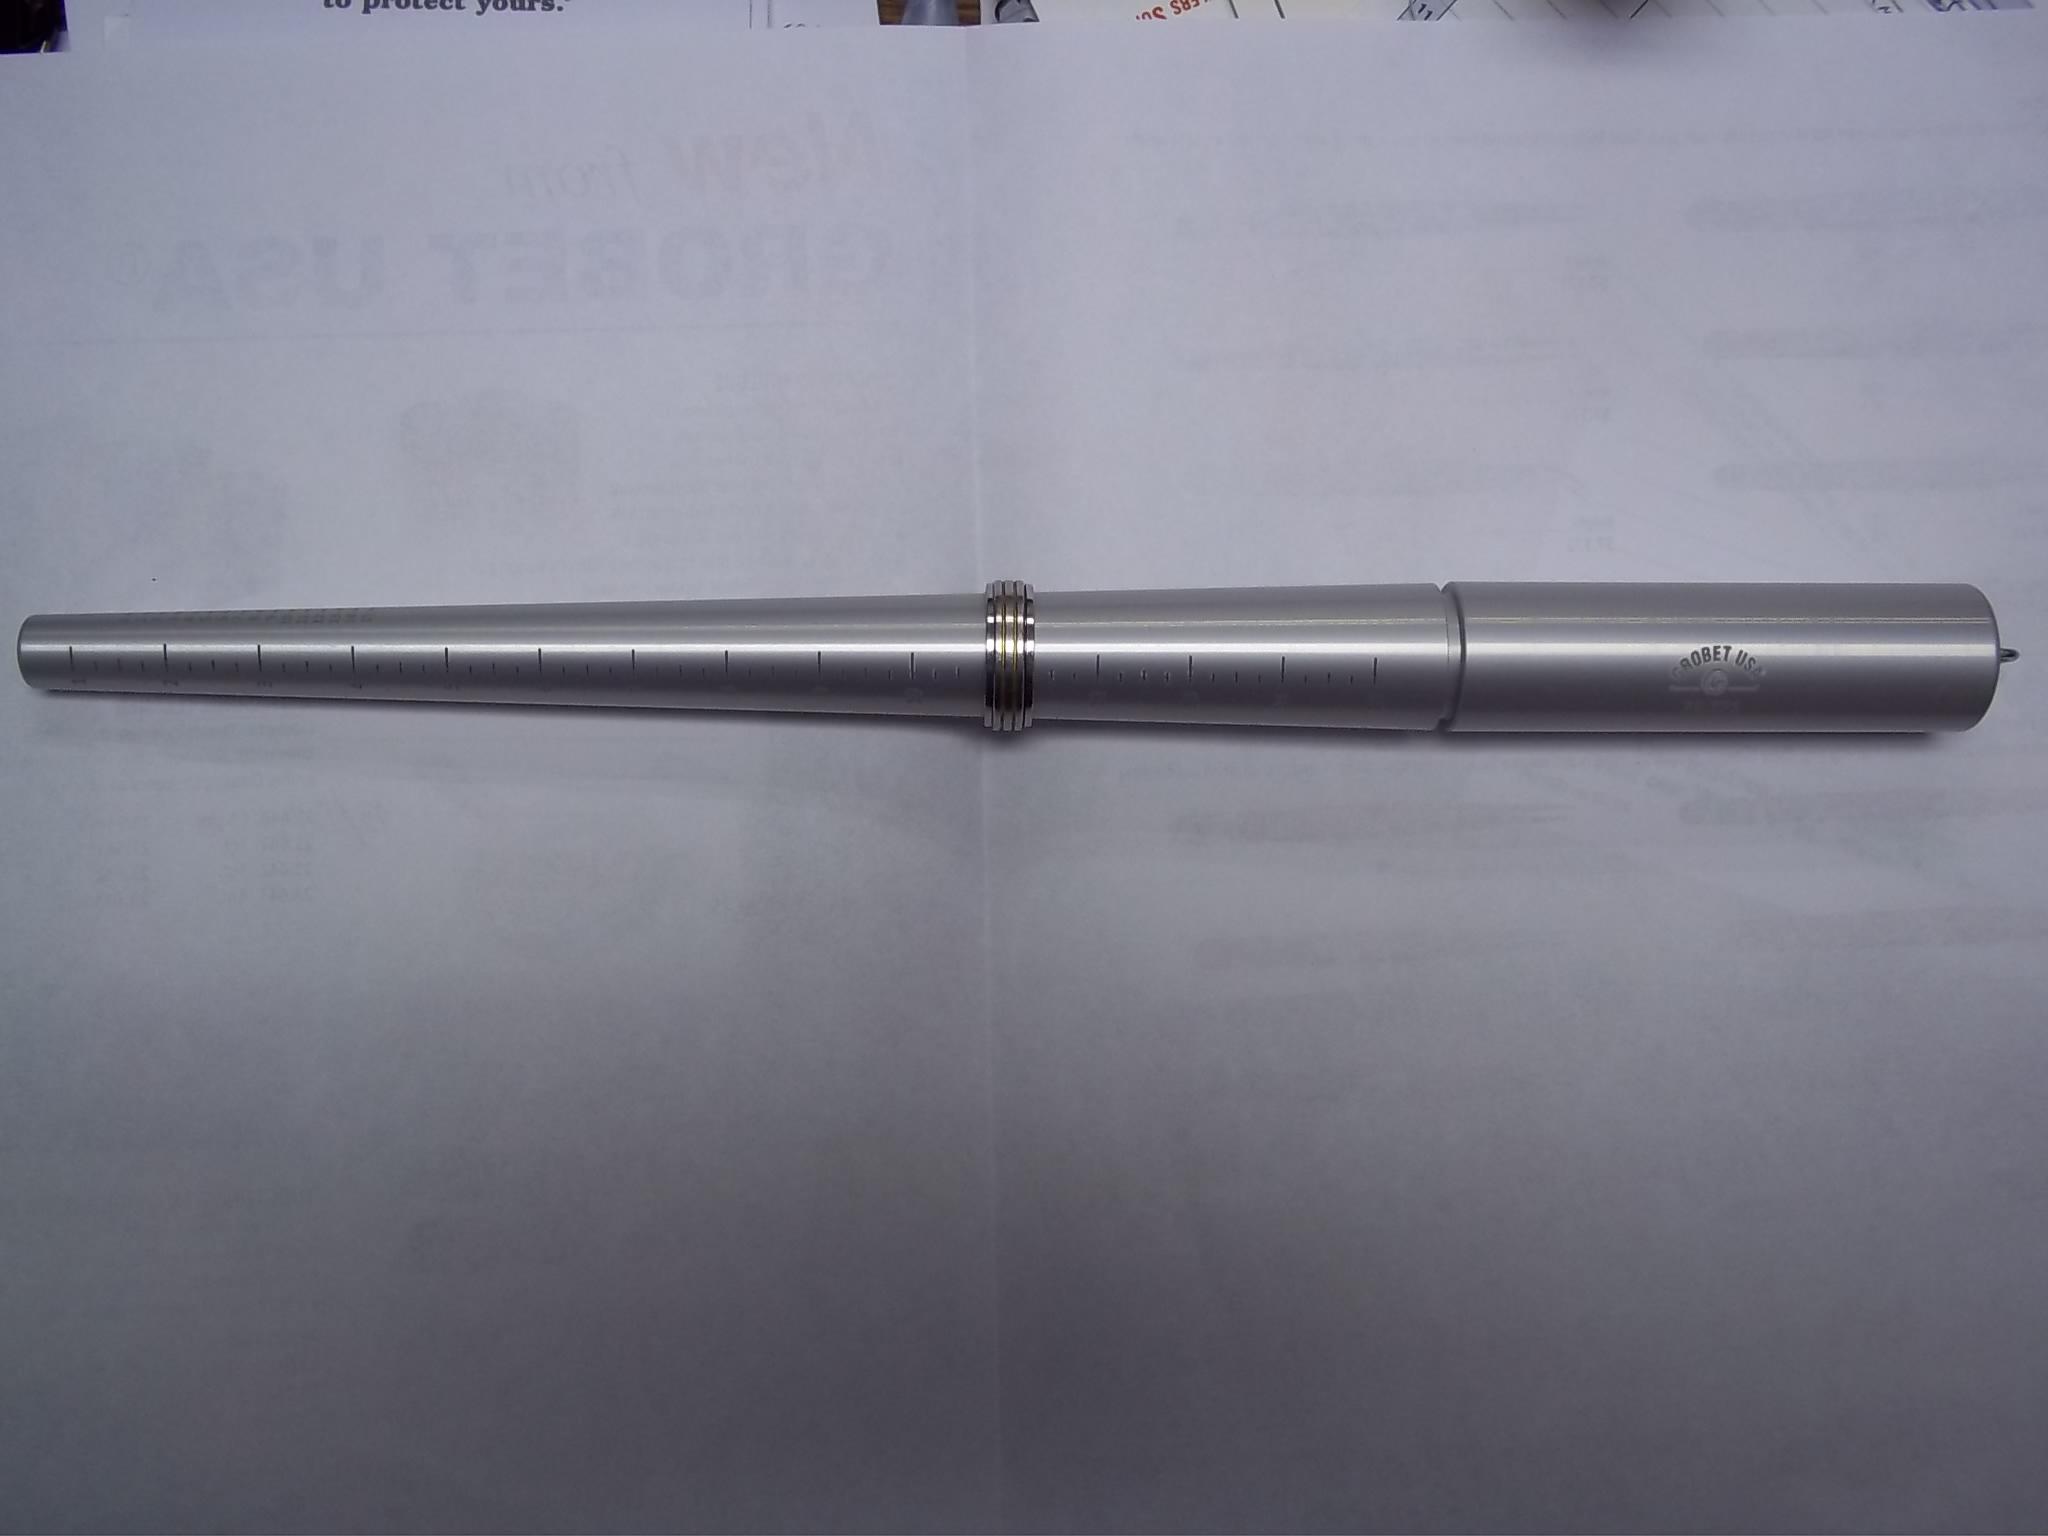 GA271 Aluminum Ring Stick sizes 1-15 (Non grooved) Grobet #35.271